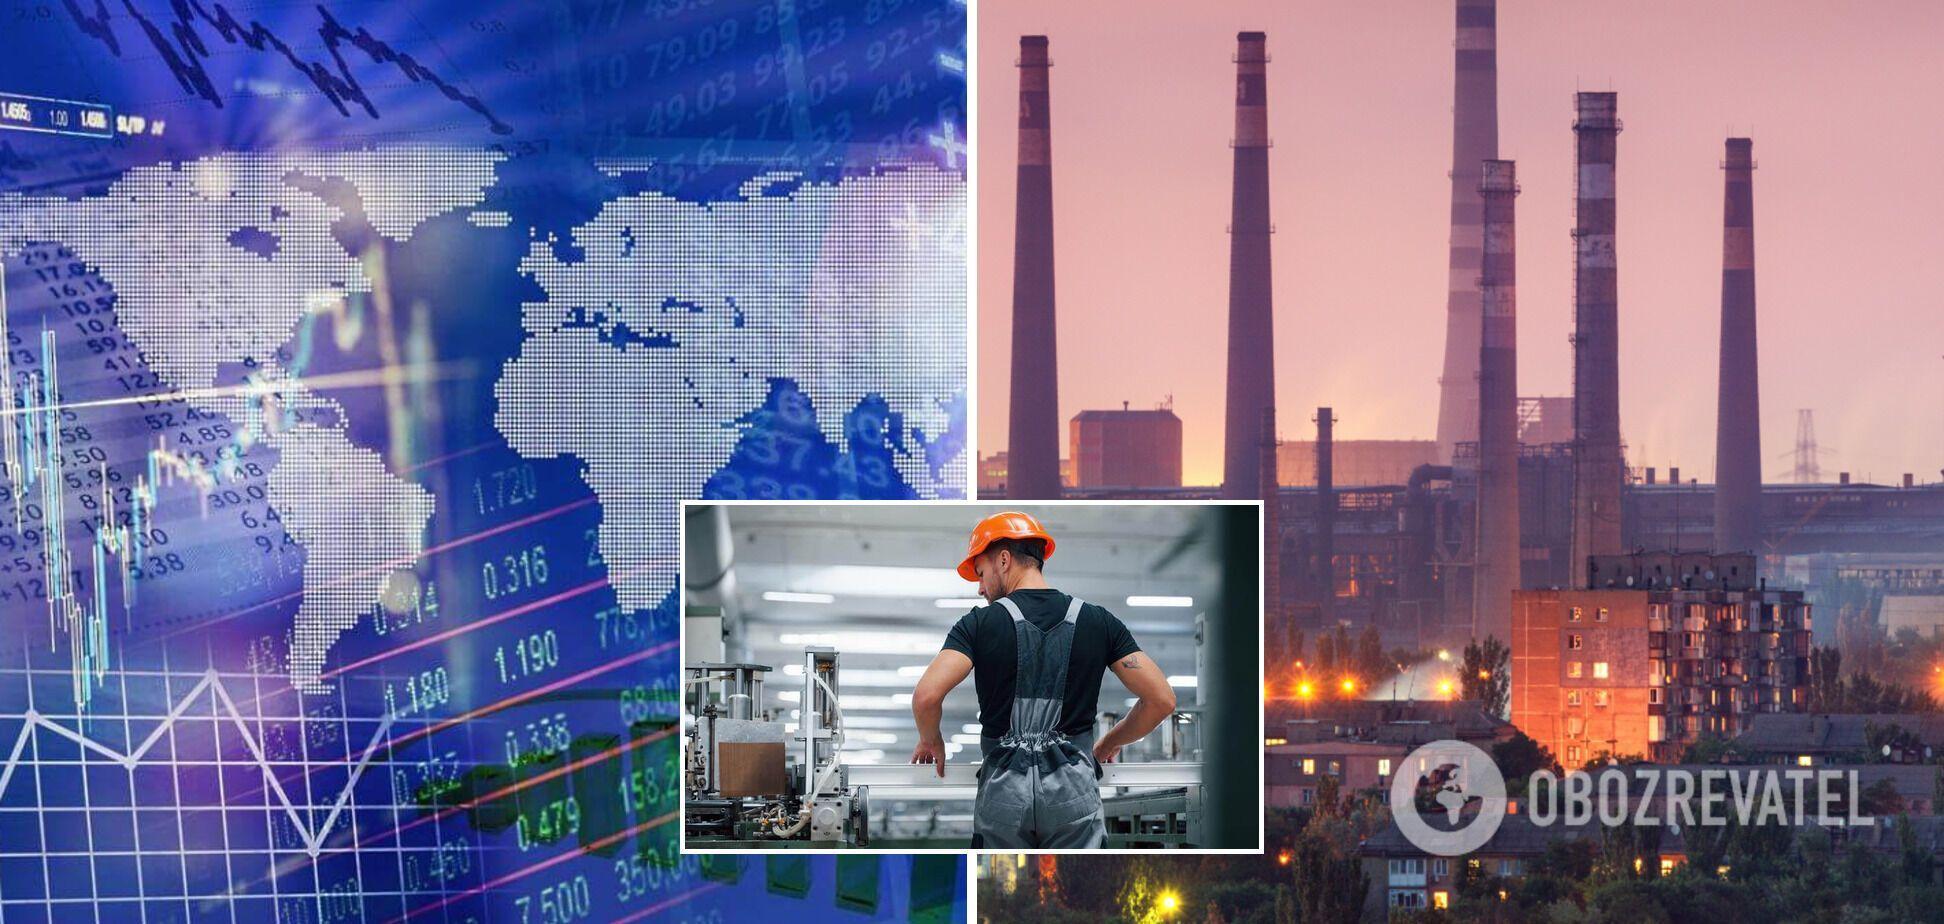 Власть должна быть готова финансово поддерживать промышленность, когда цены на сырье резко упадут, – аналитик